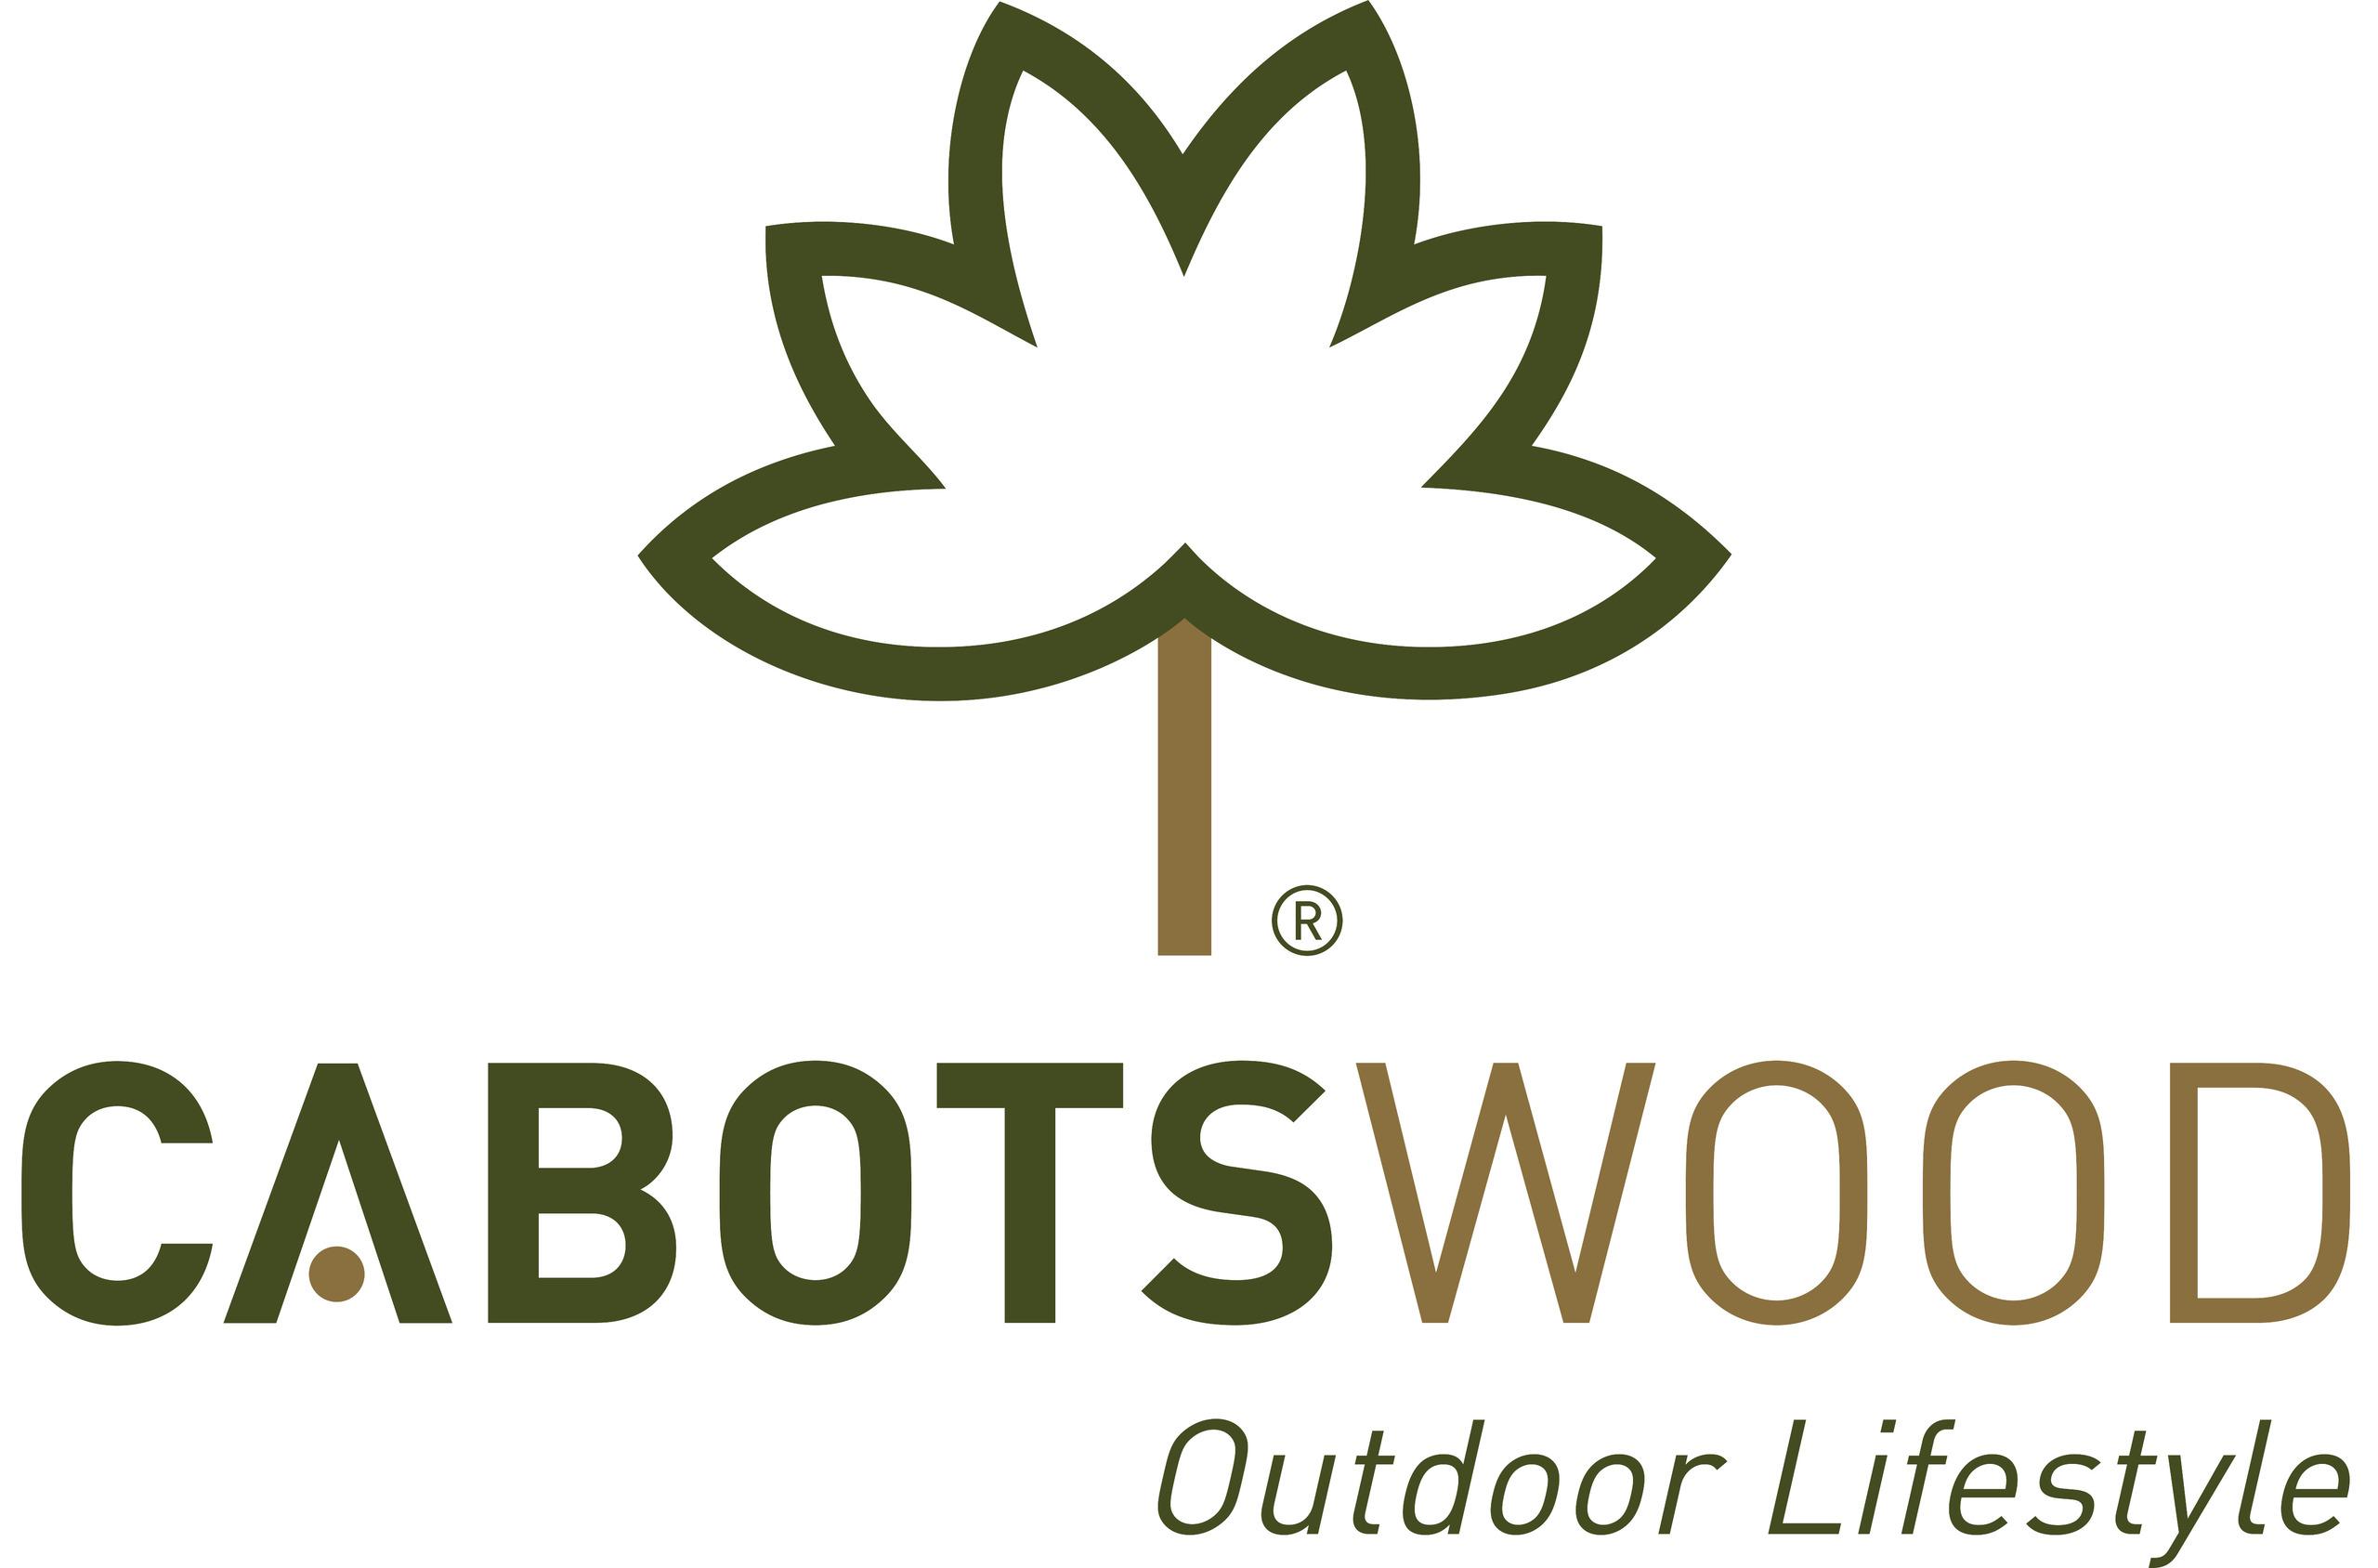 Cabotswood